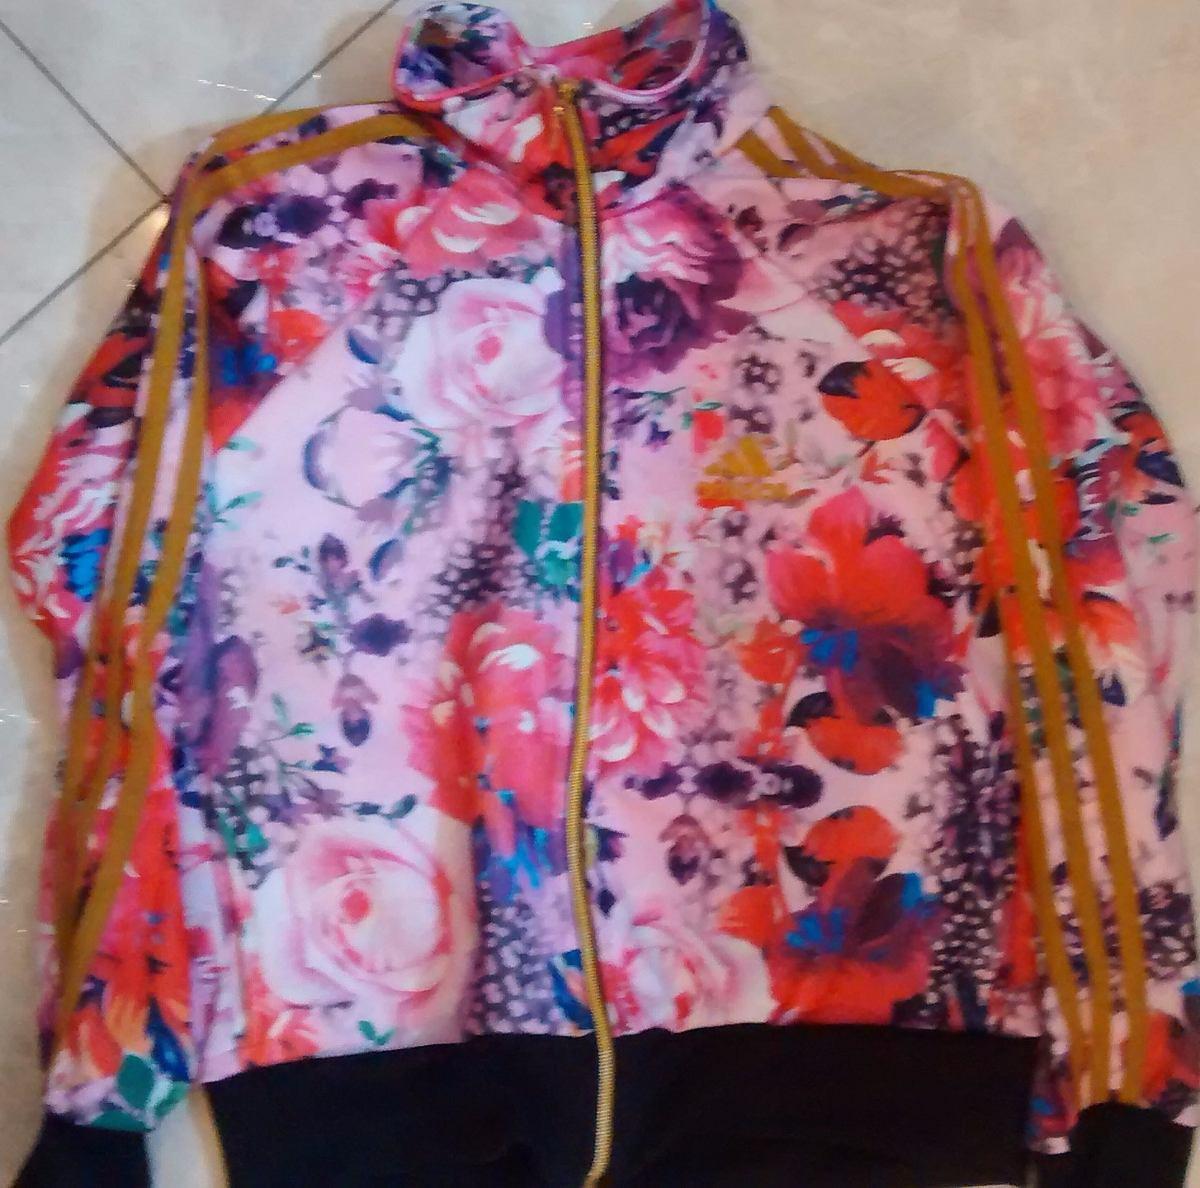 d4418076caa blusa feminina adidas florida com zíper. Carregando zoom.